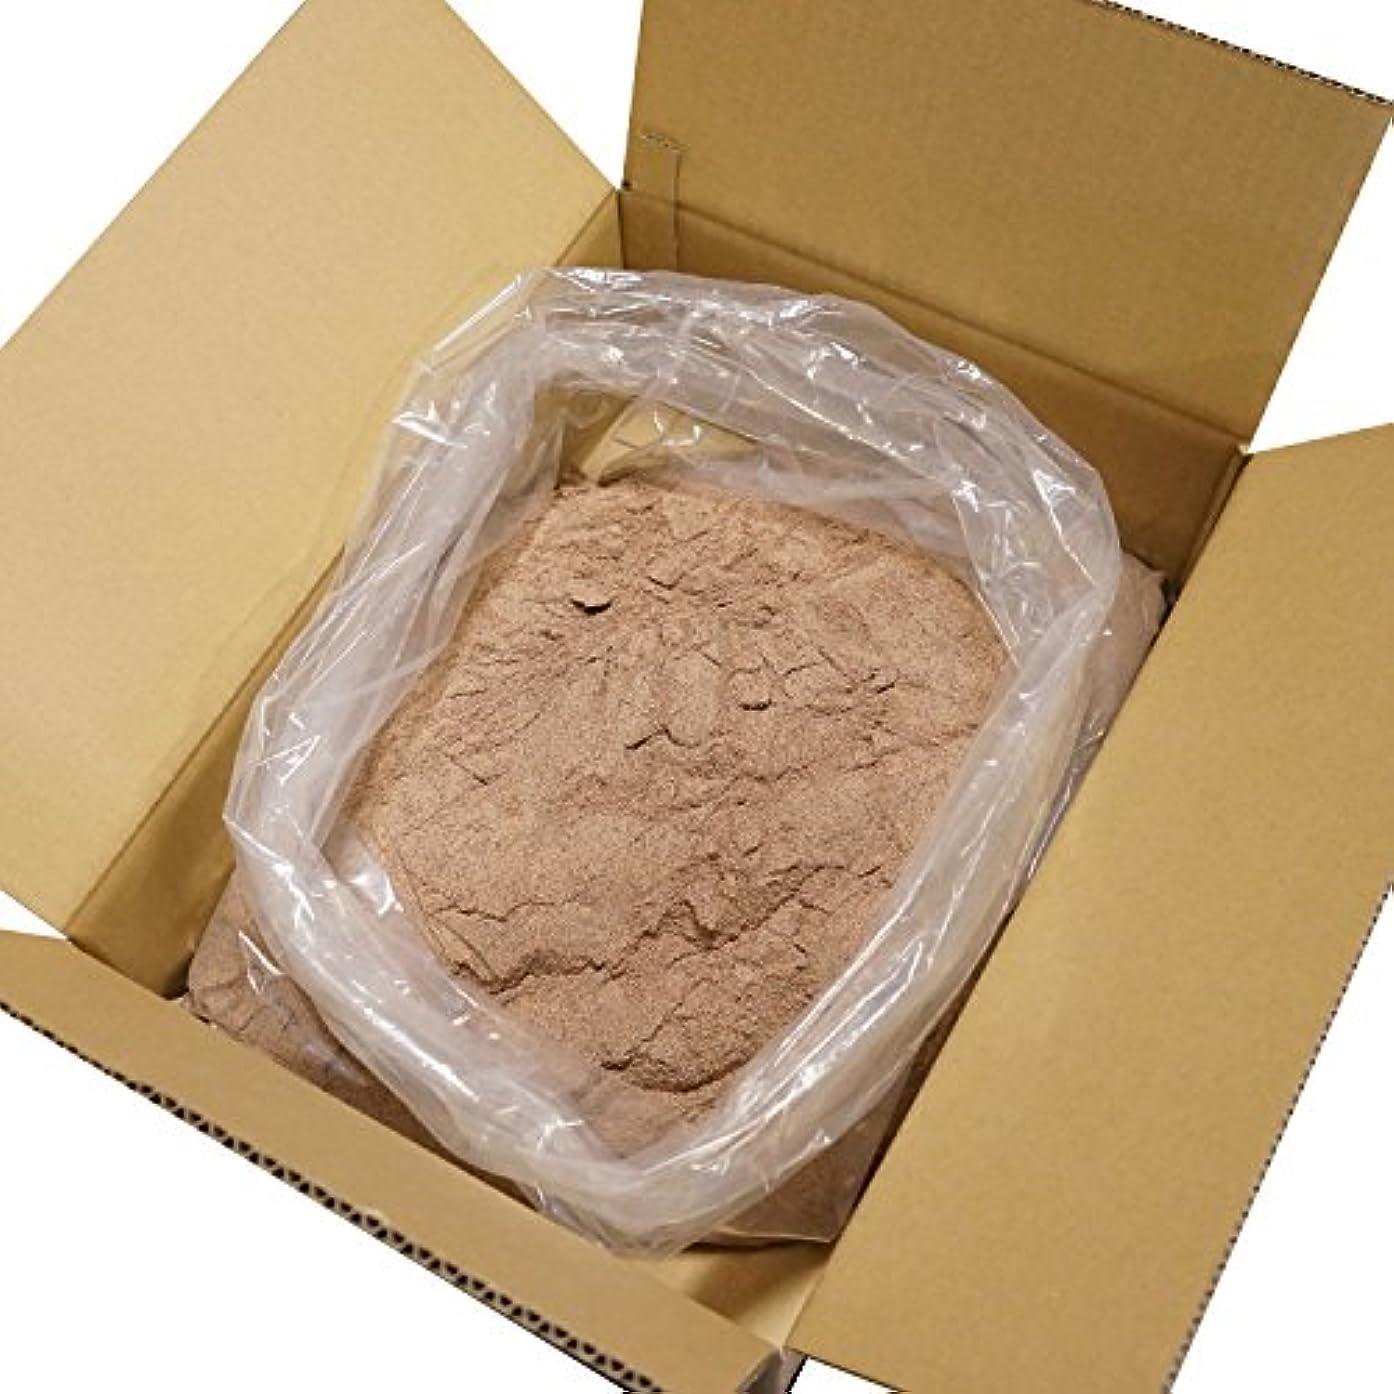 実り多い終わり好意ヒマラヤ 岩塩 ブラック パウダー 細粒タイプ 業務用 原料 (5kg)